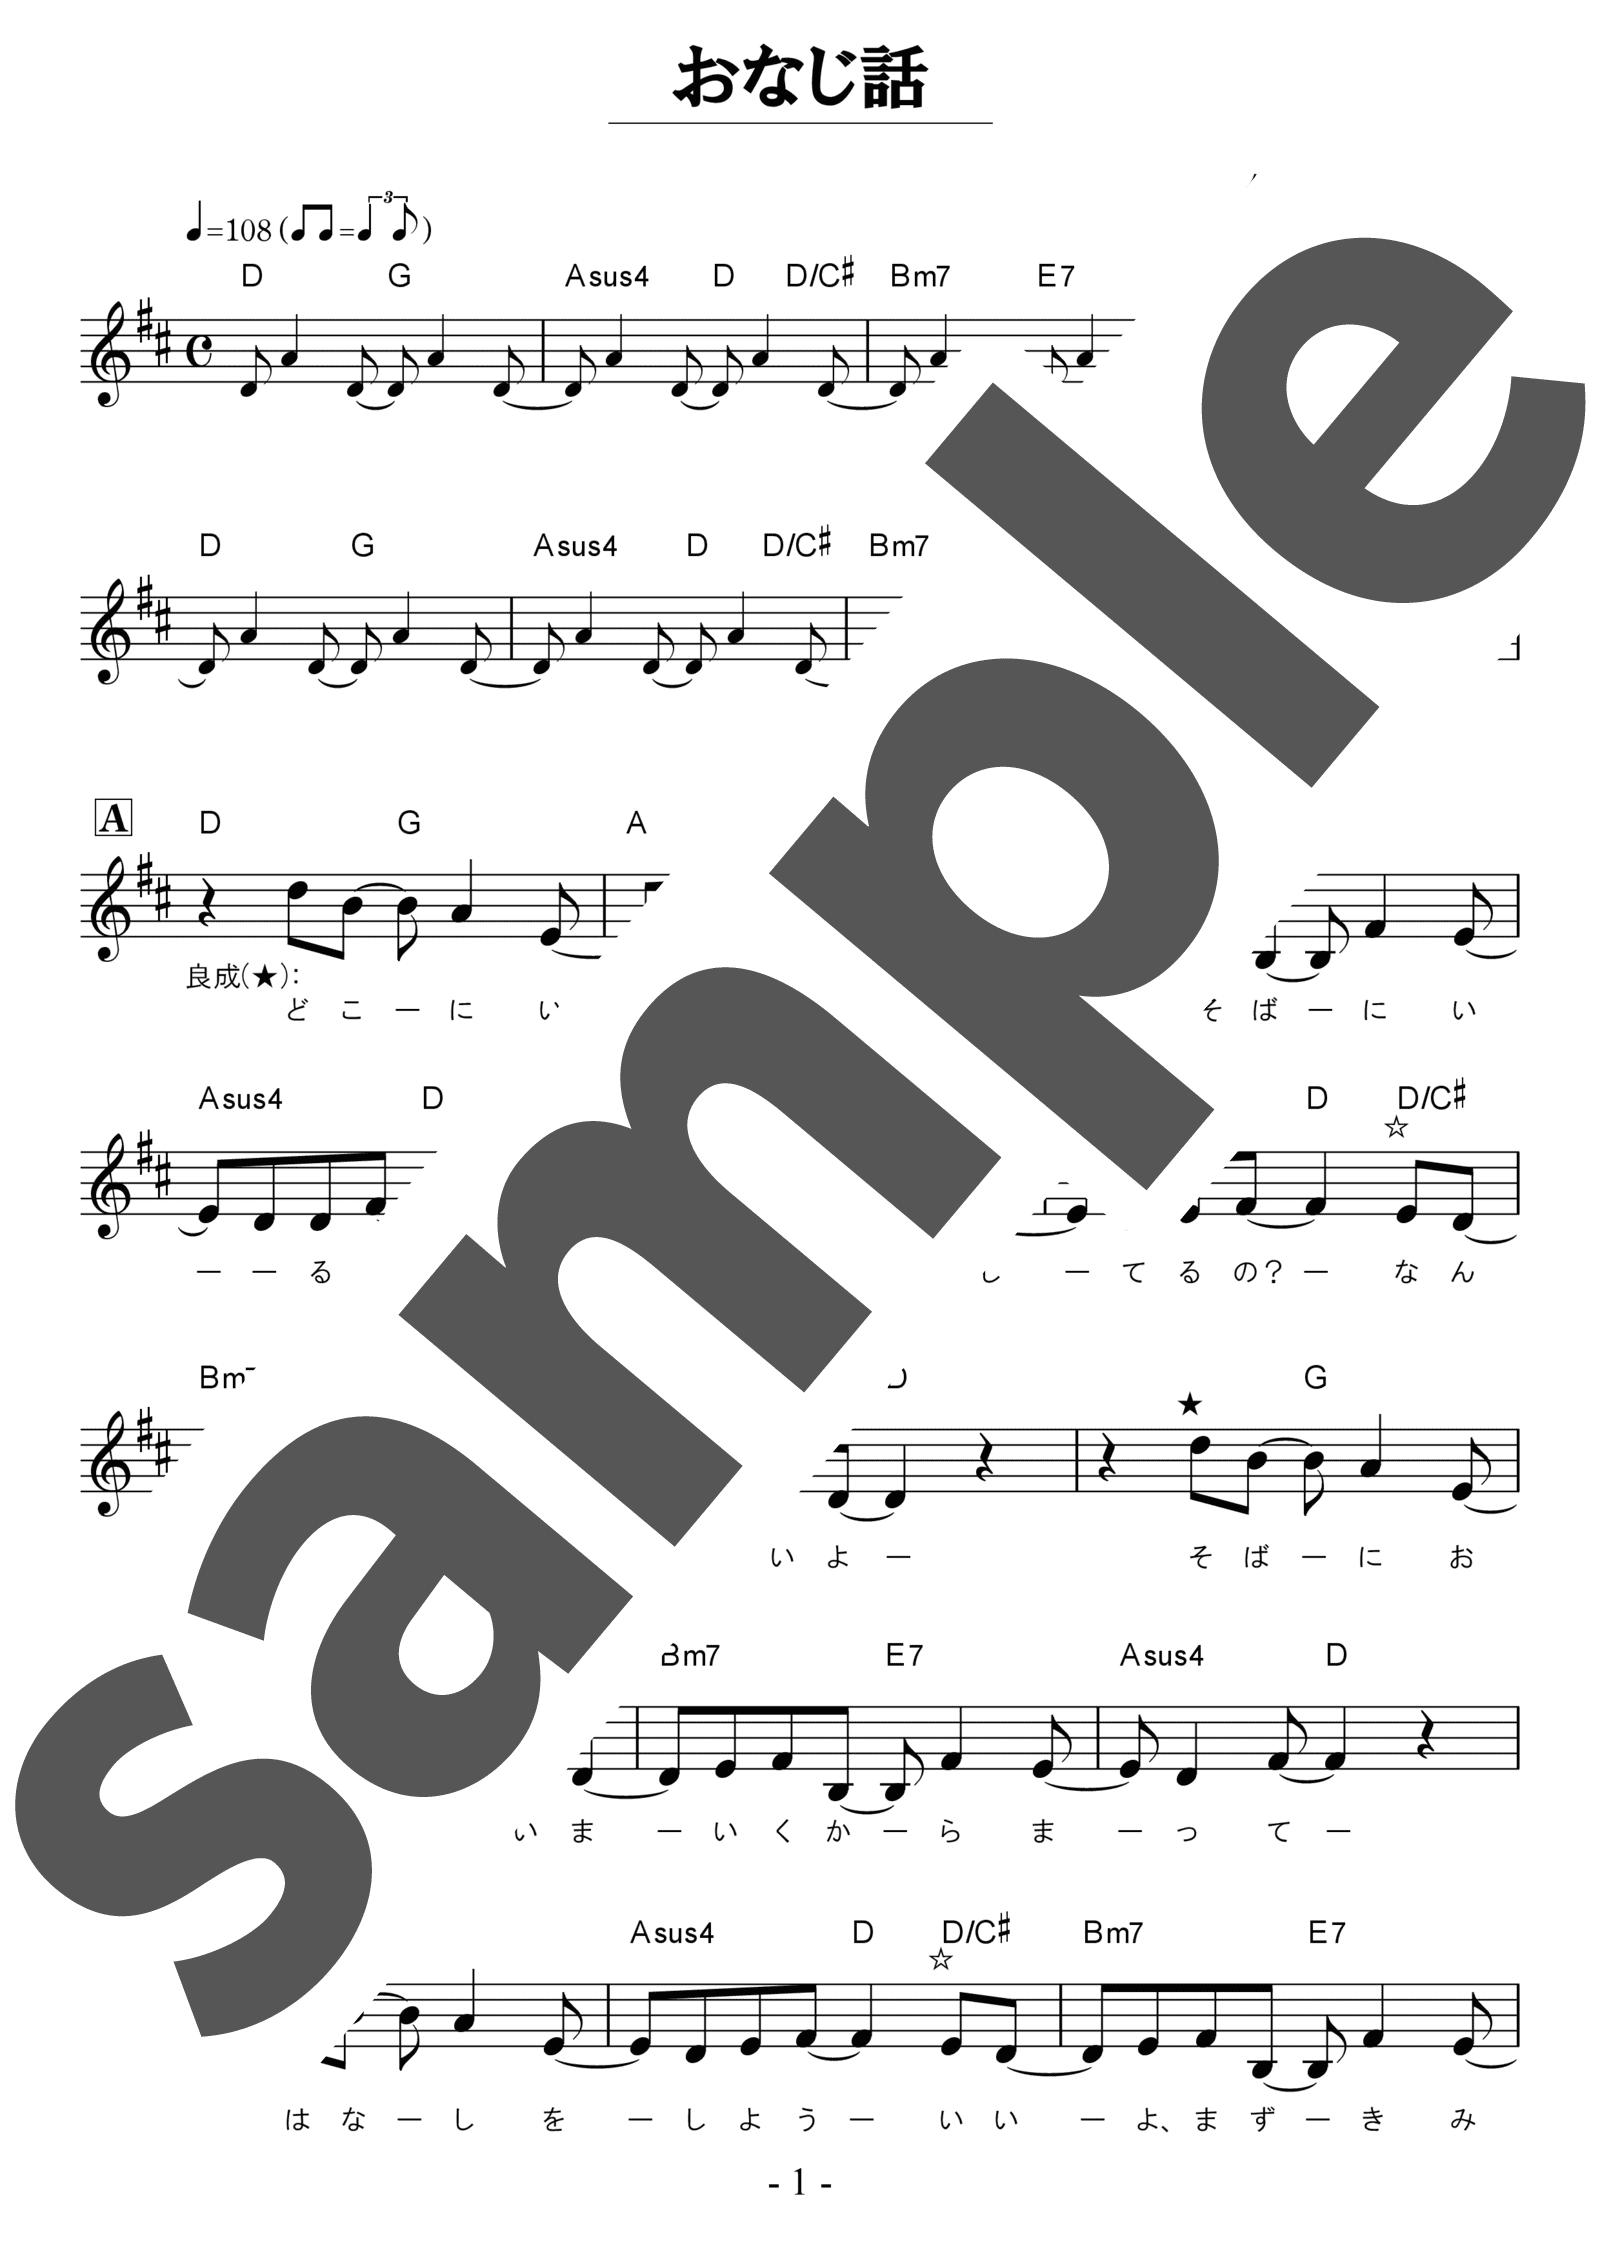 「おなじ話」のサンプル楽譜